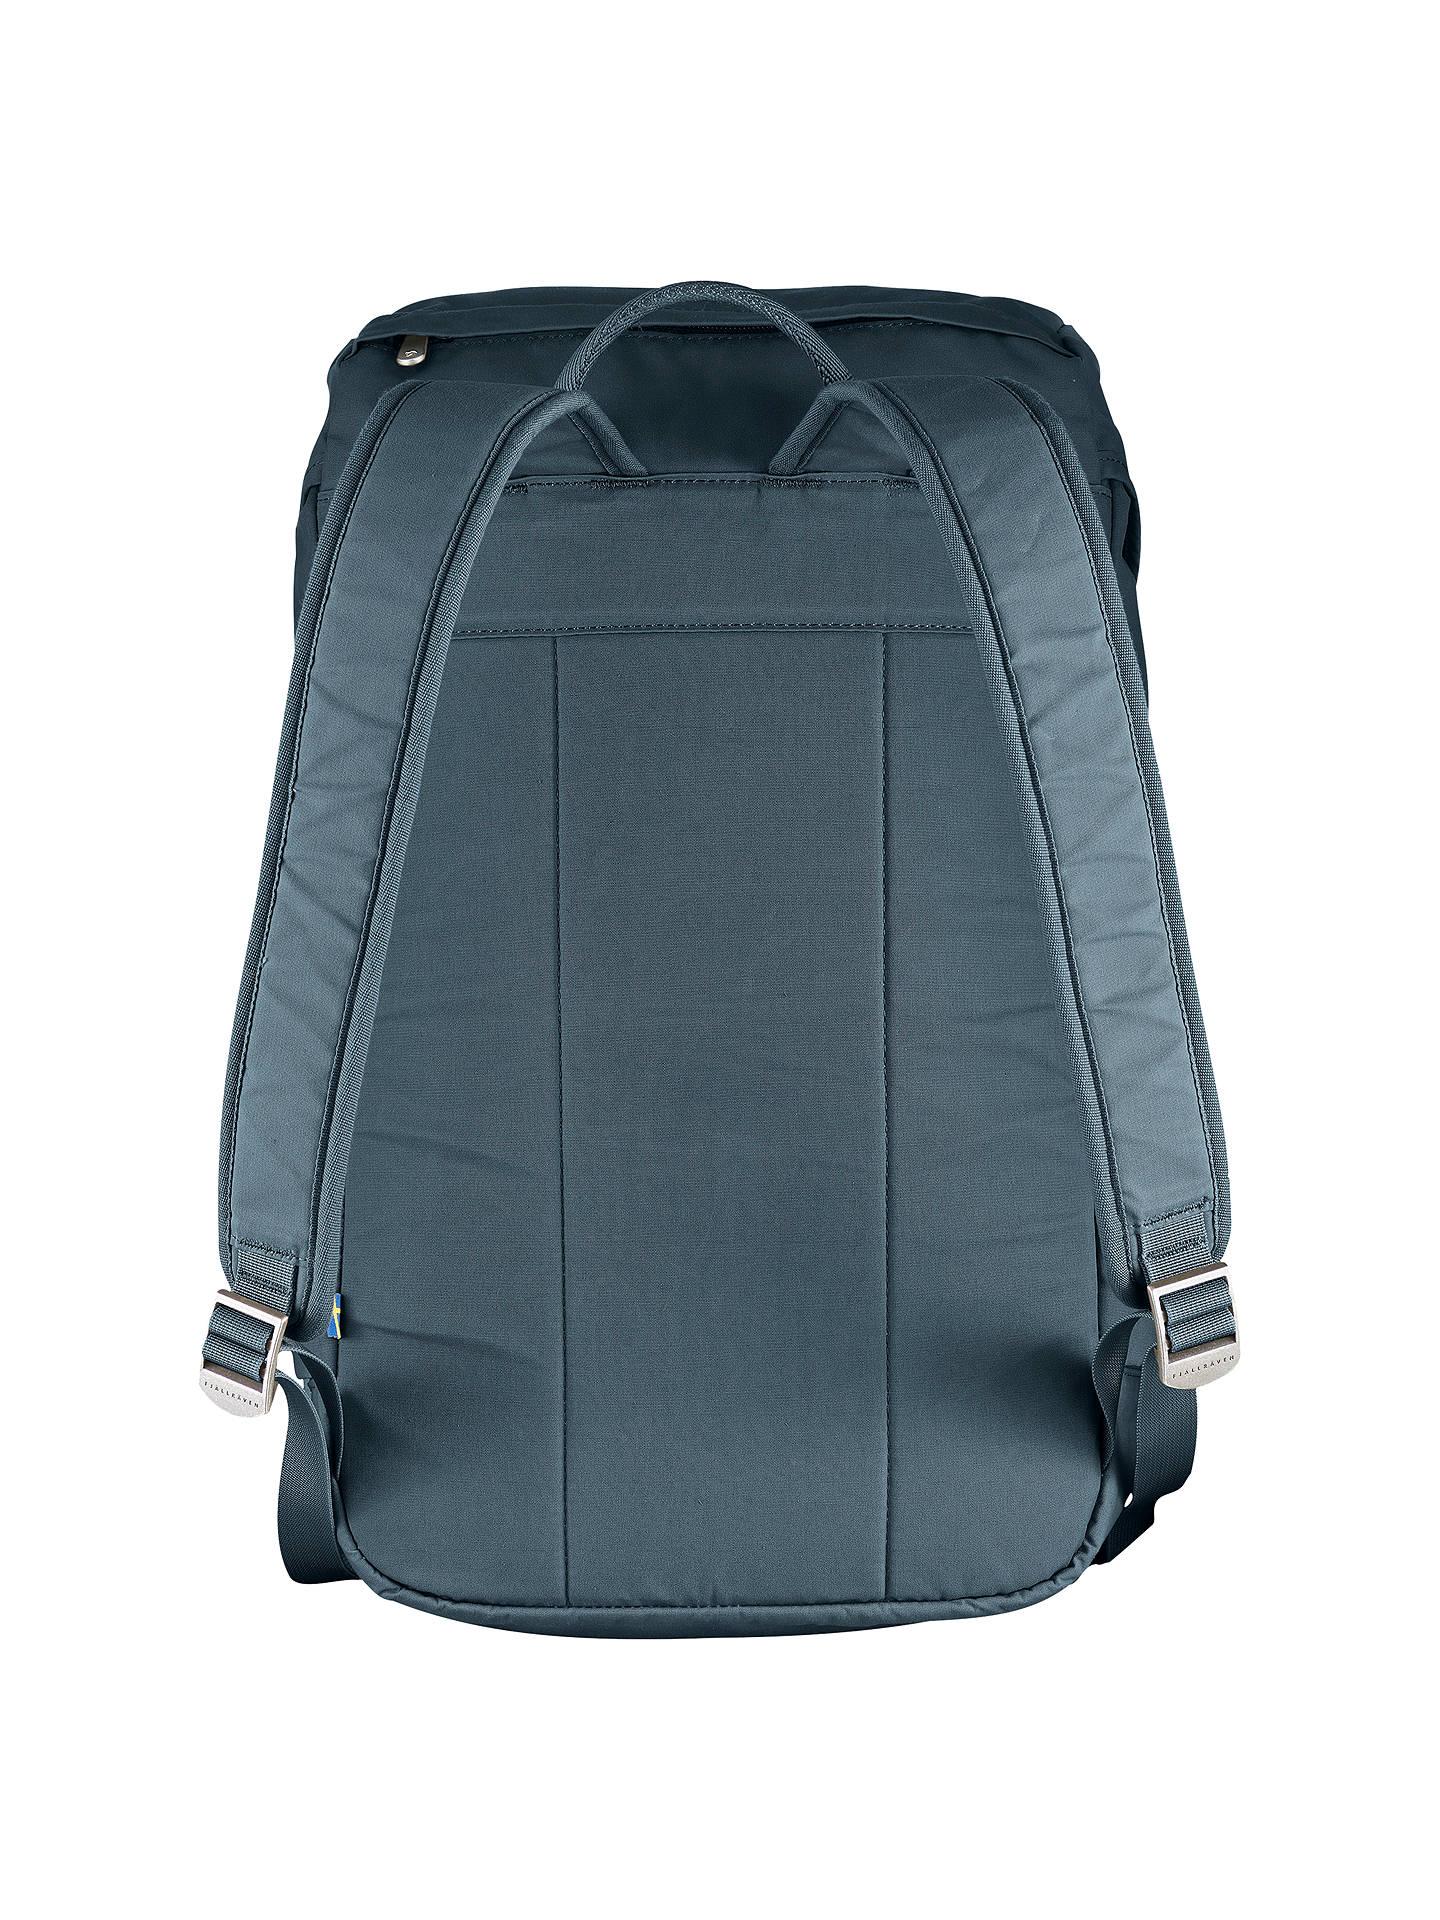 informatie vrijgeven op enorme korting goedkope verkoop Fjällräven Greenland Backpack, Grey